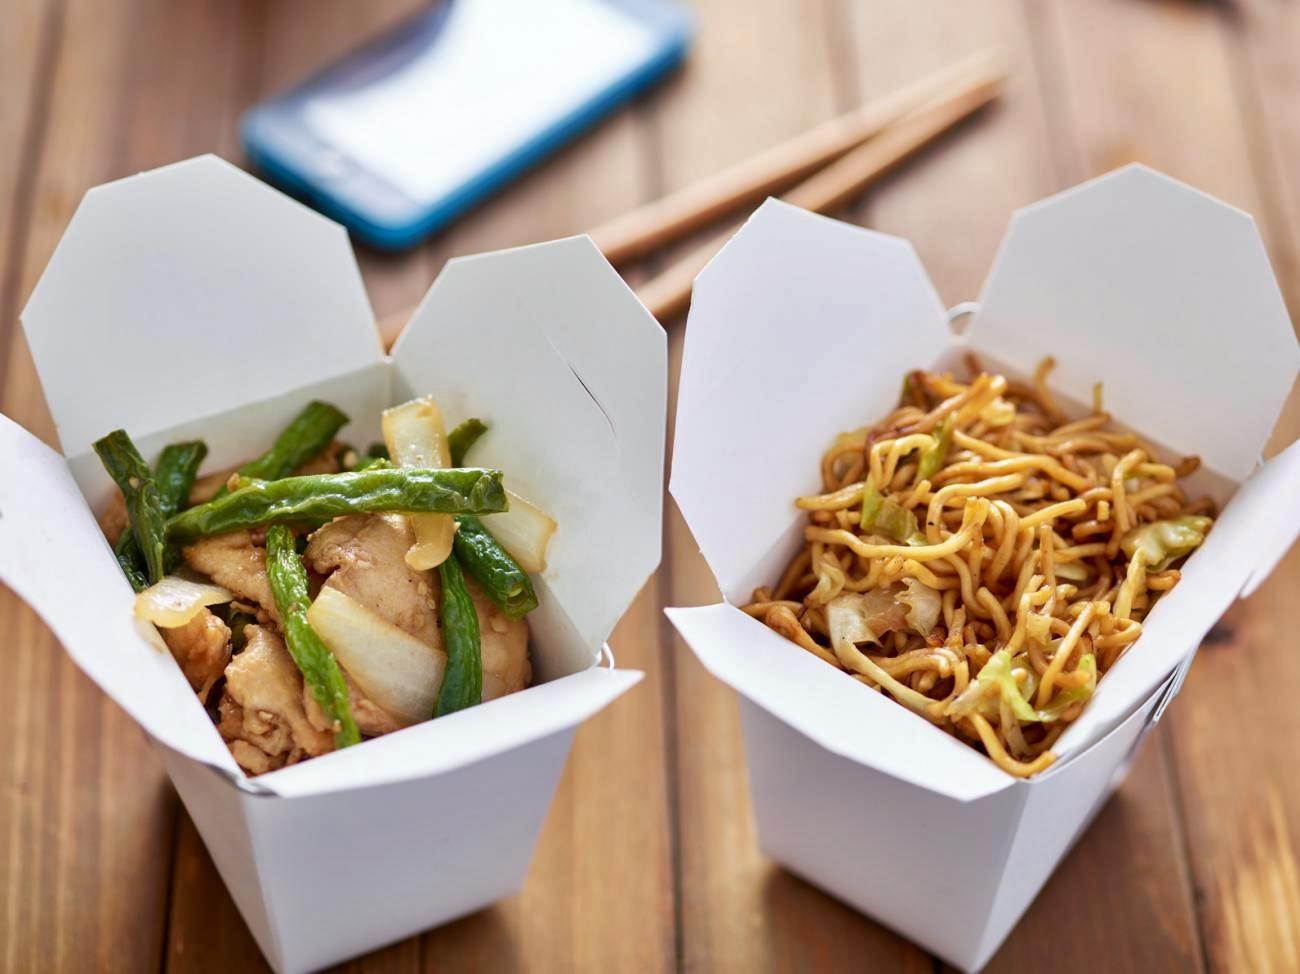 E' boom del cibo pronto in consegna, aumenta anche la spesa fatta online